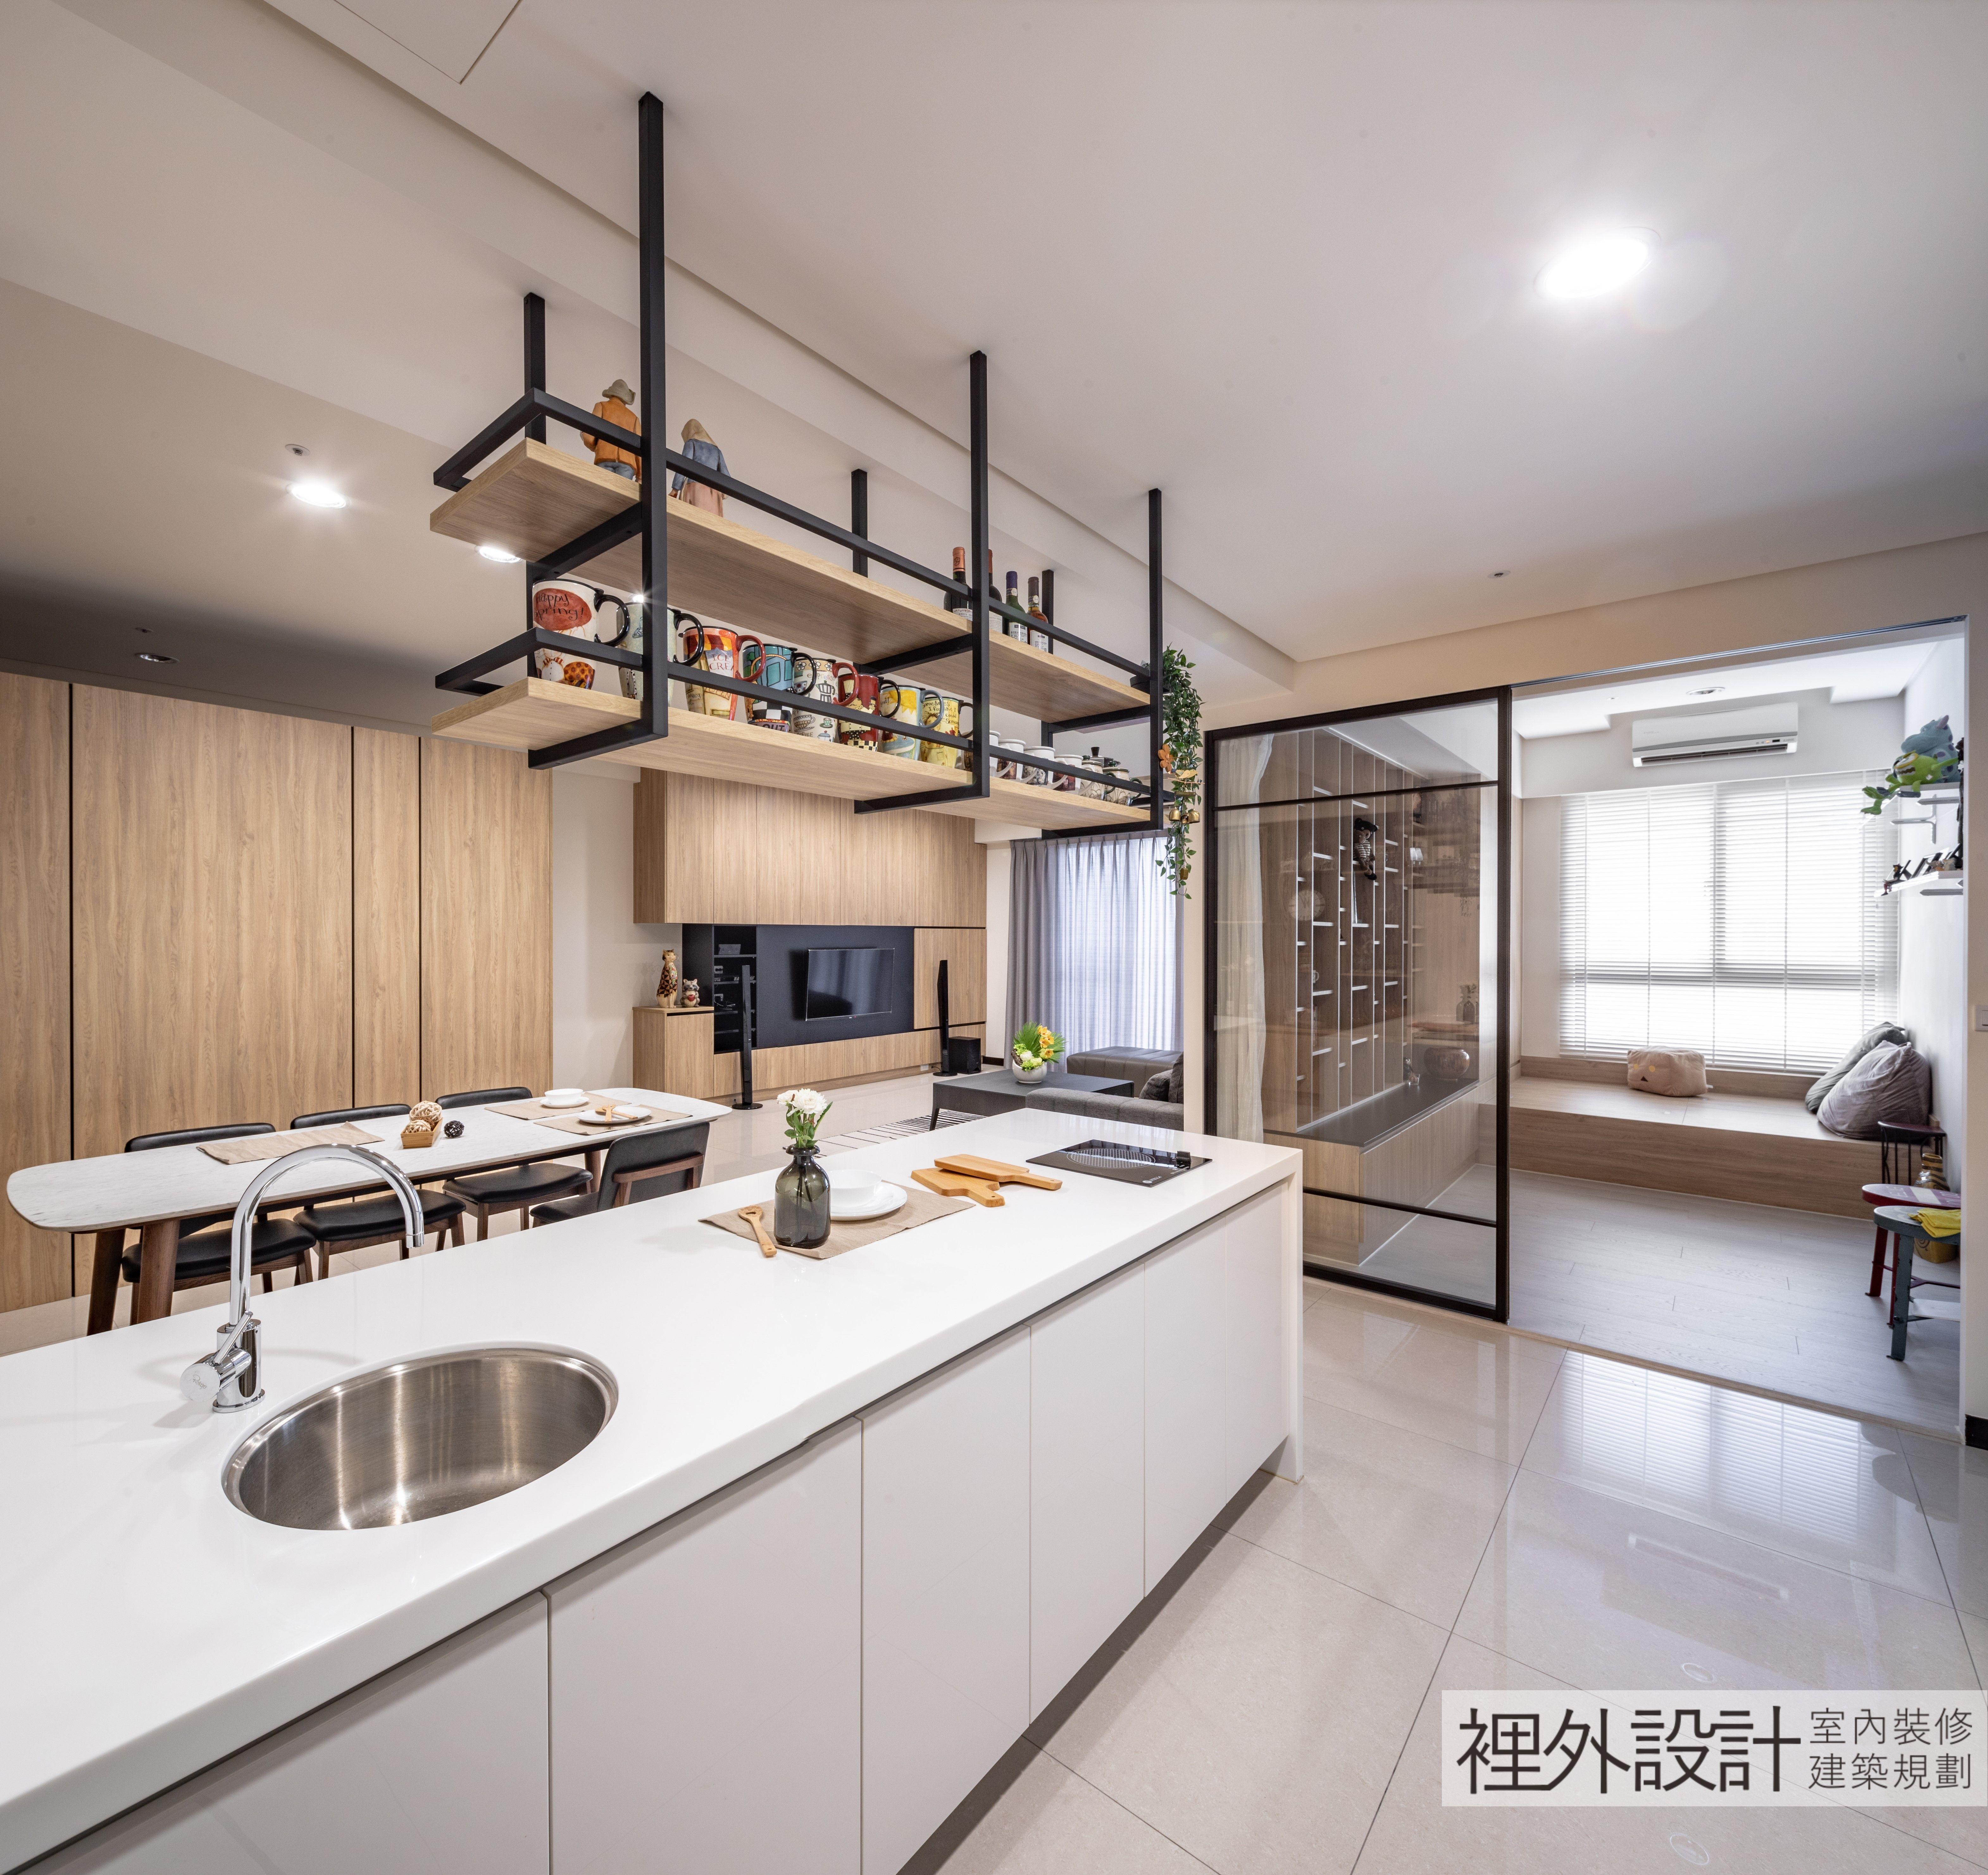 廚房吧檯,中島水槽,廚房吊架,玻璃拉門